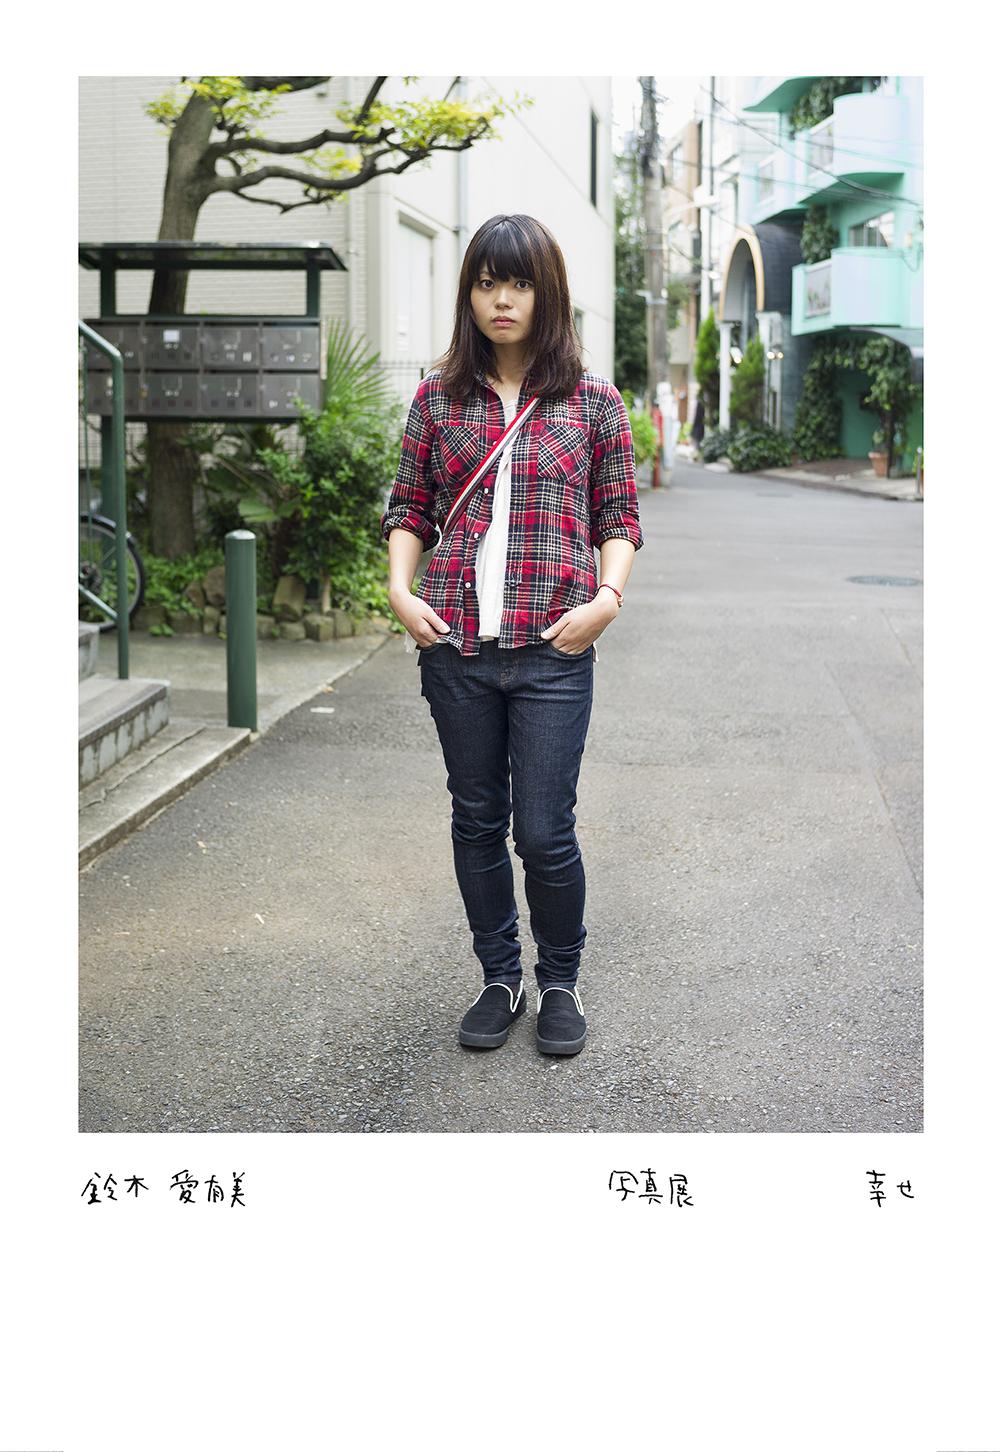 Image 3 / 10